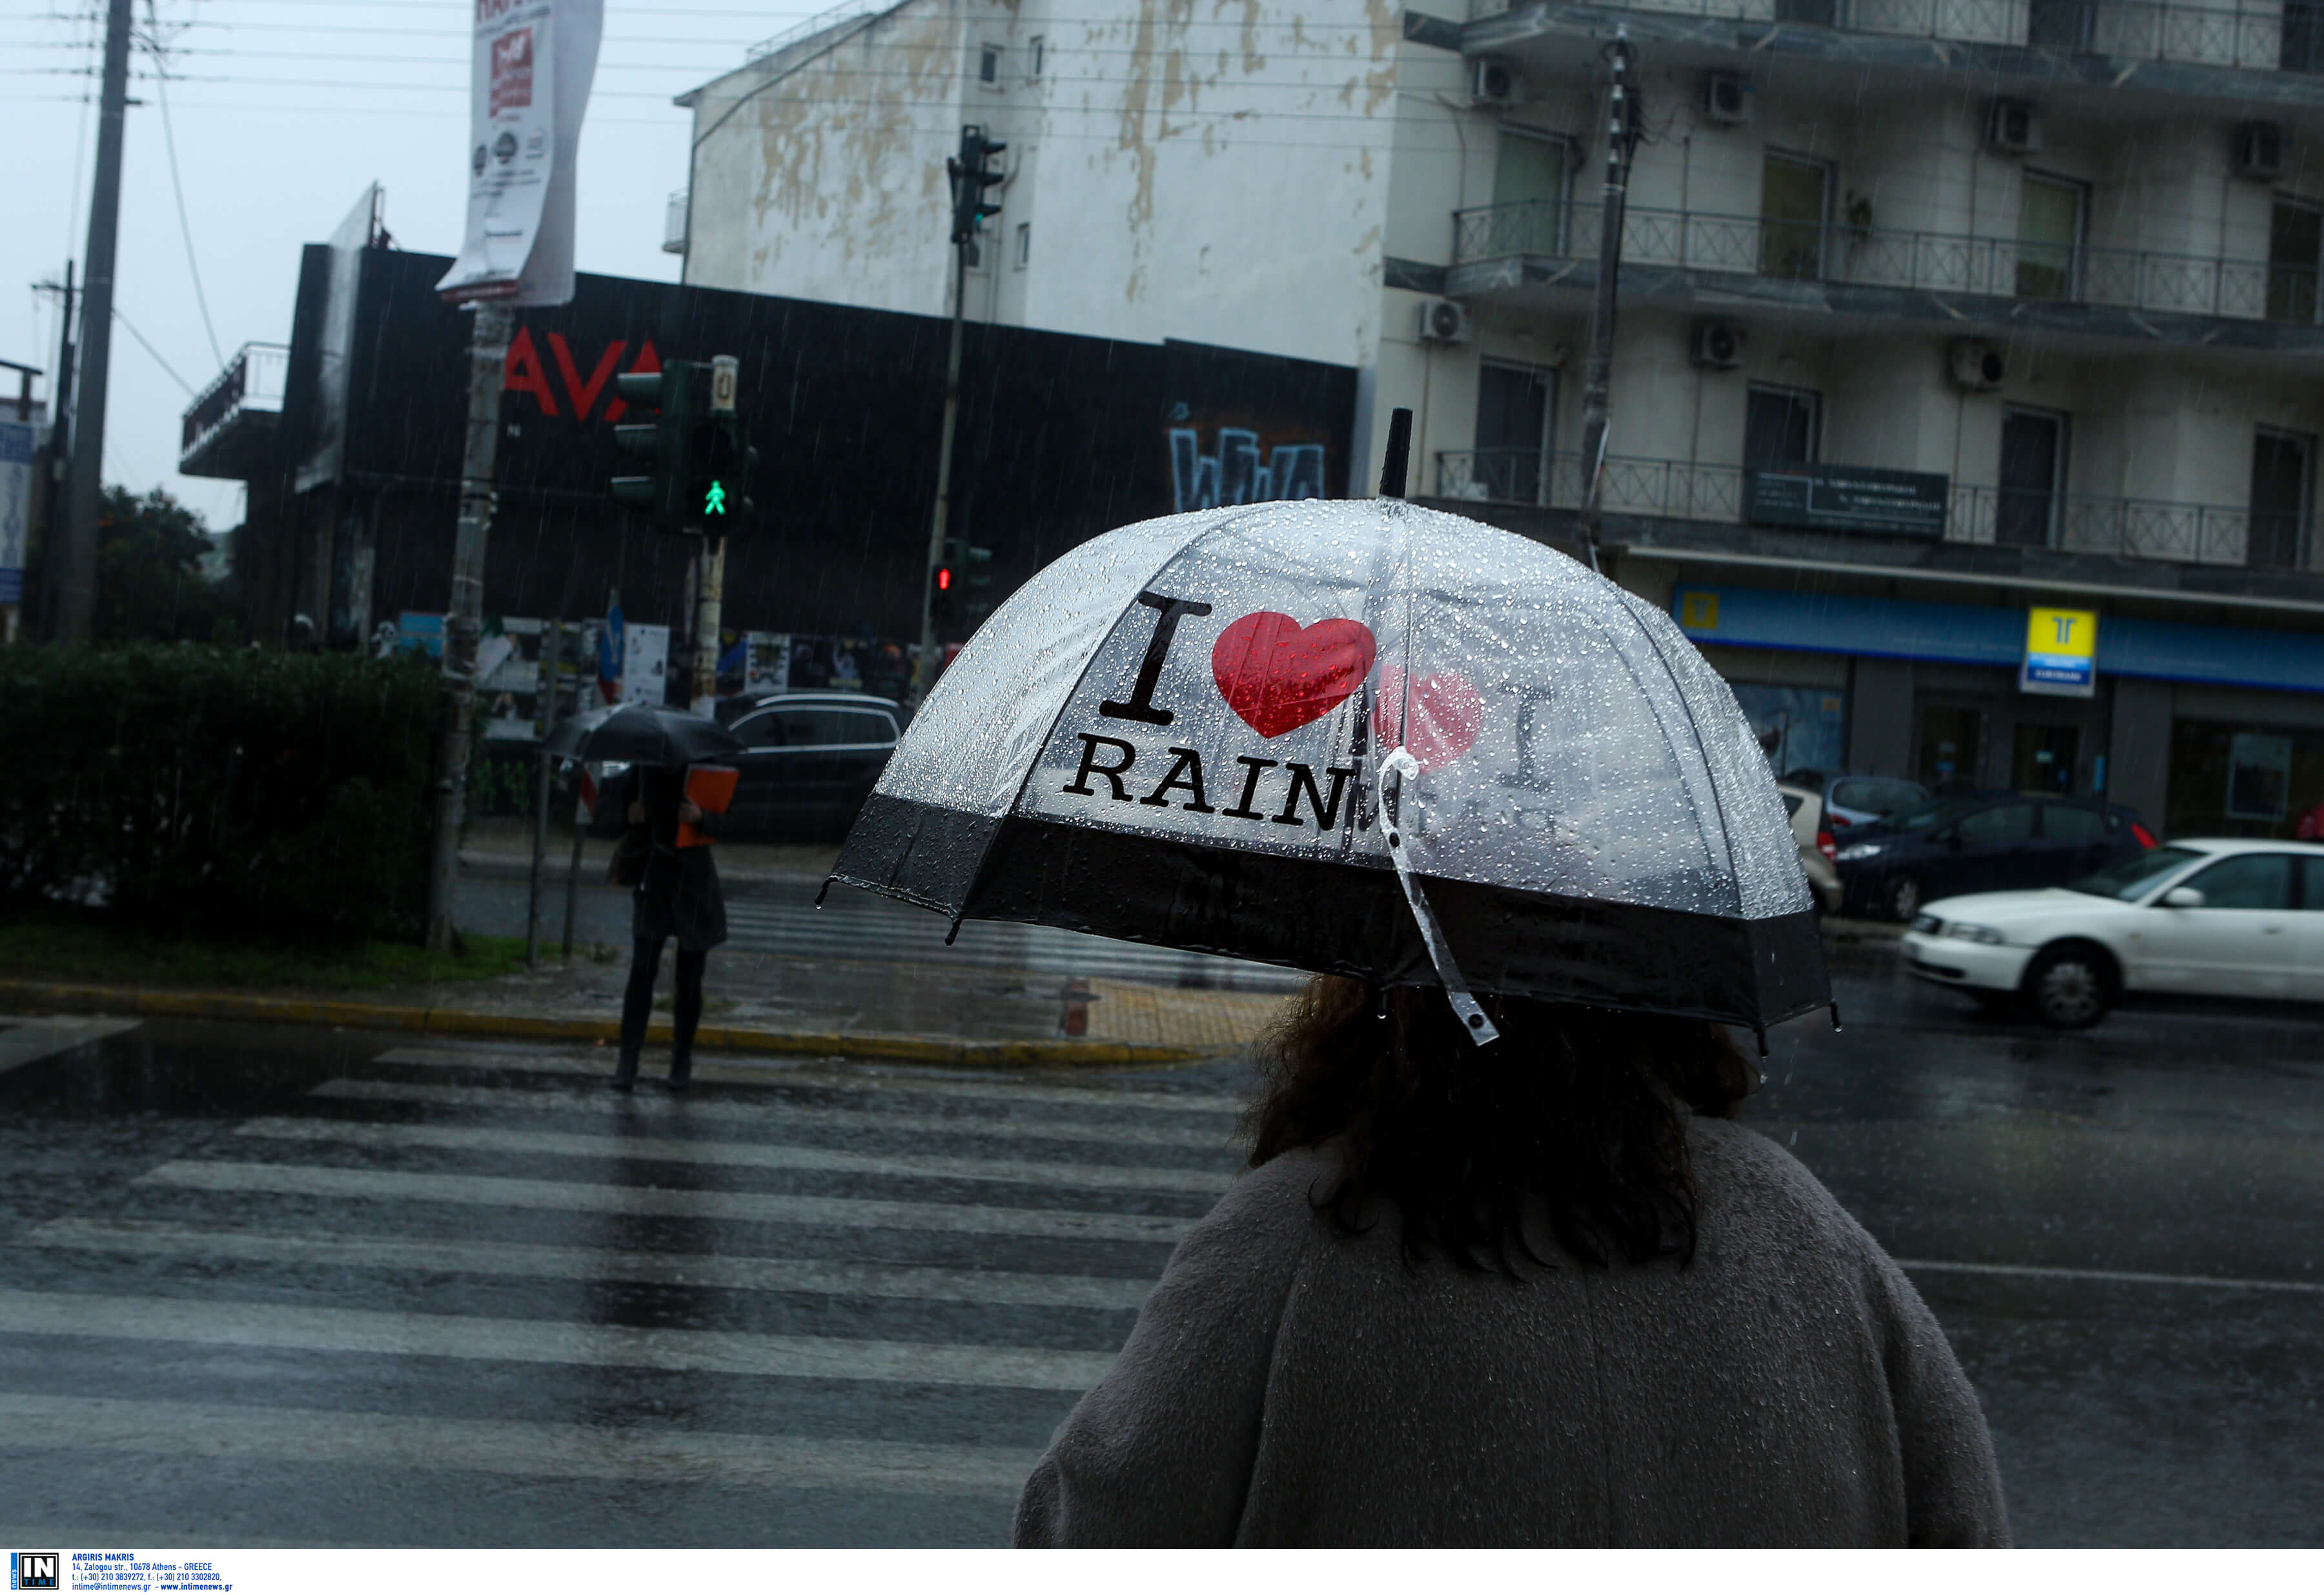 """Καιρός αύριο: """"Μπουμπουνητά"""" και βροχές σε όλη την χώρα – Πότε σταματά η κακοκαιρία"""